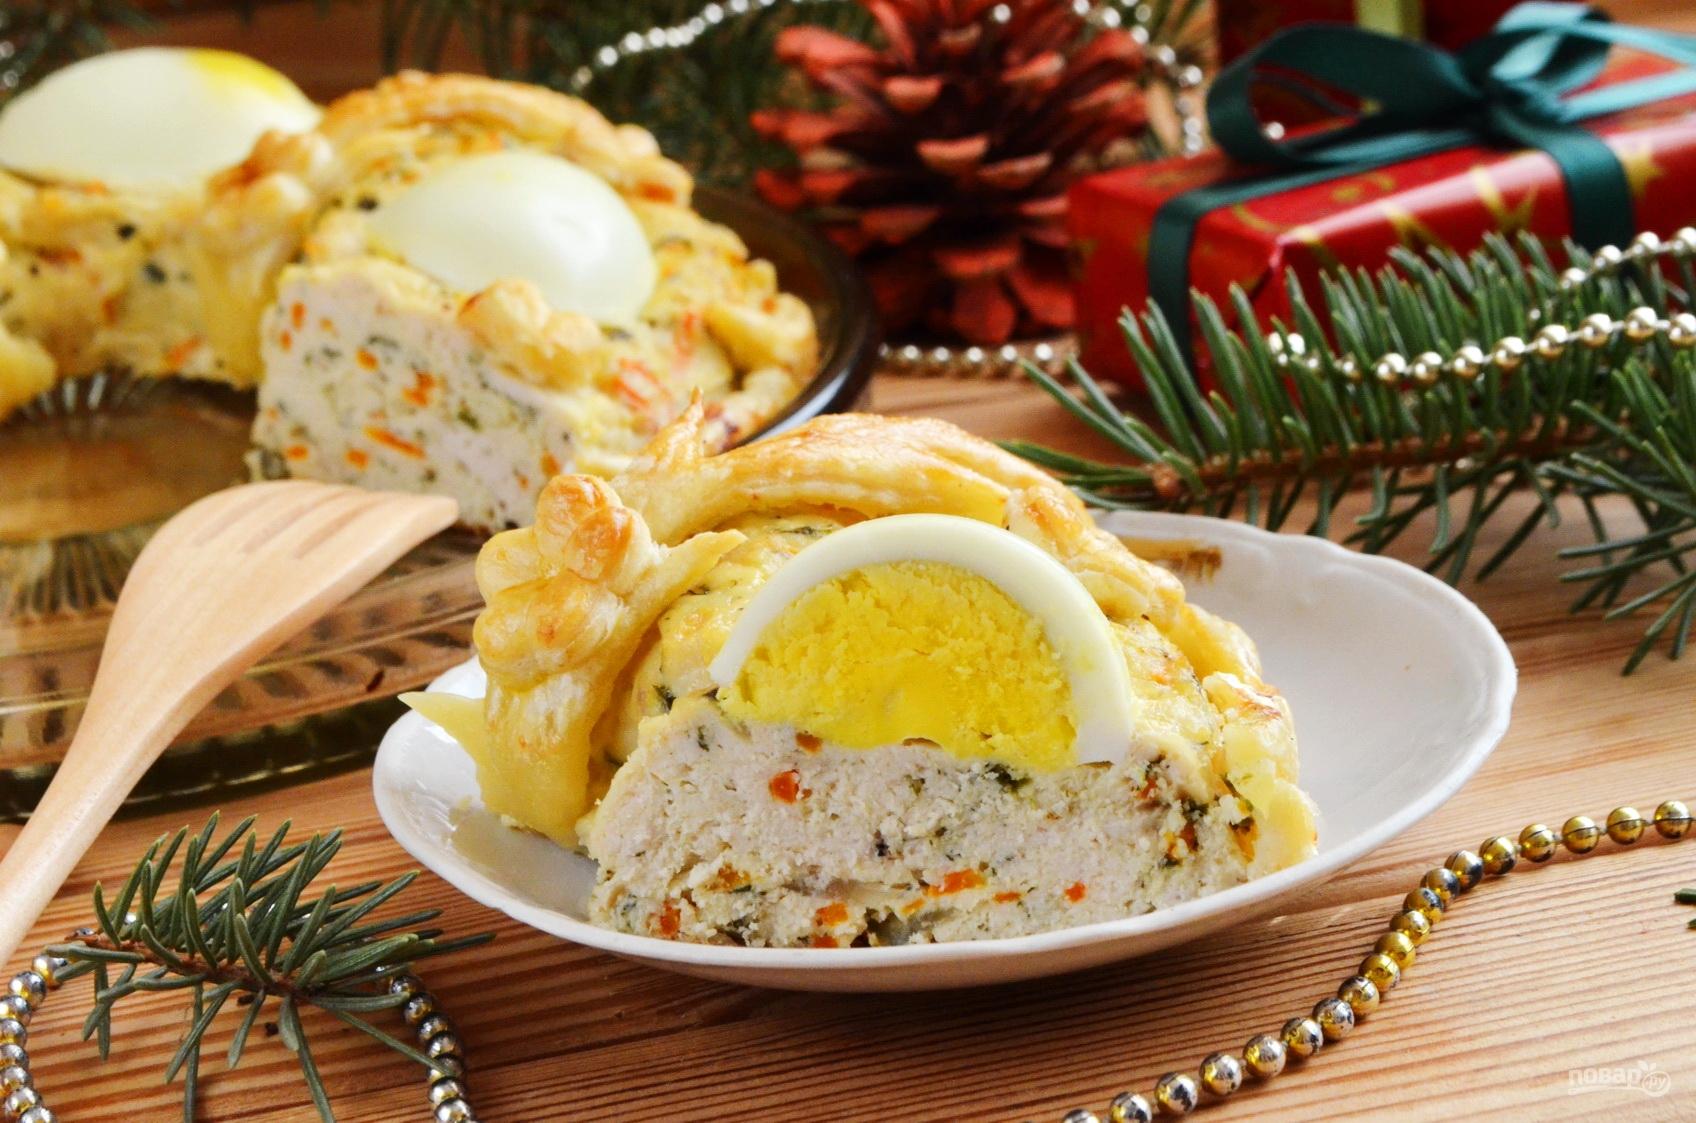 подготовила для меню на рождество рецепты с фото всегда приятная цветовая